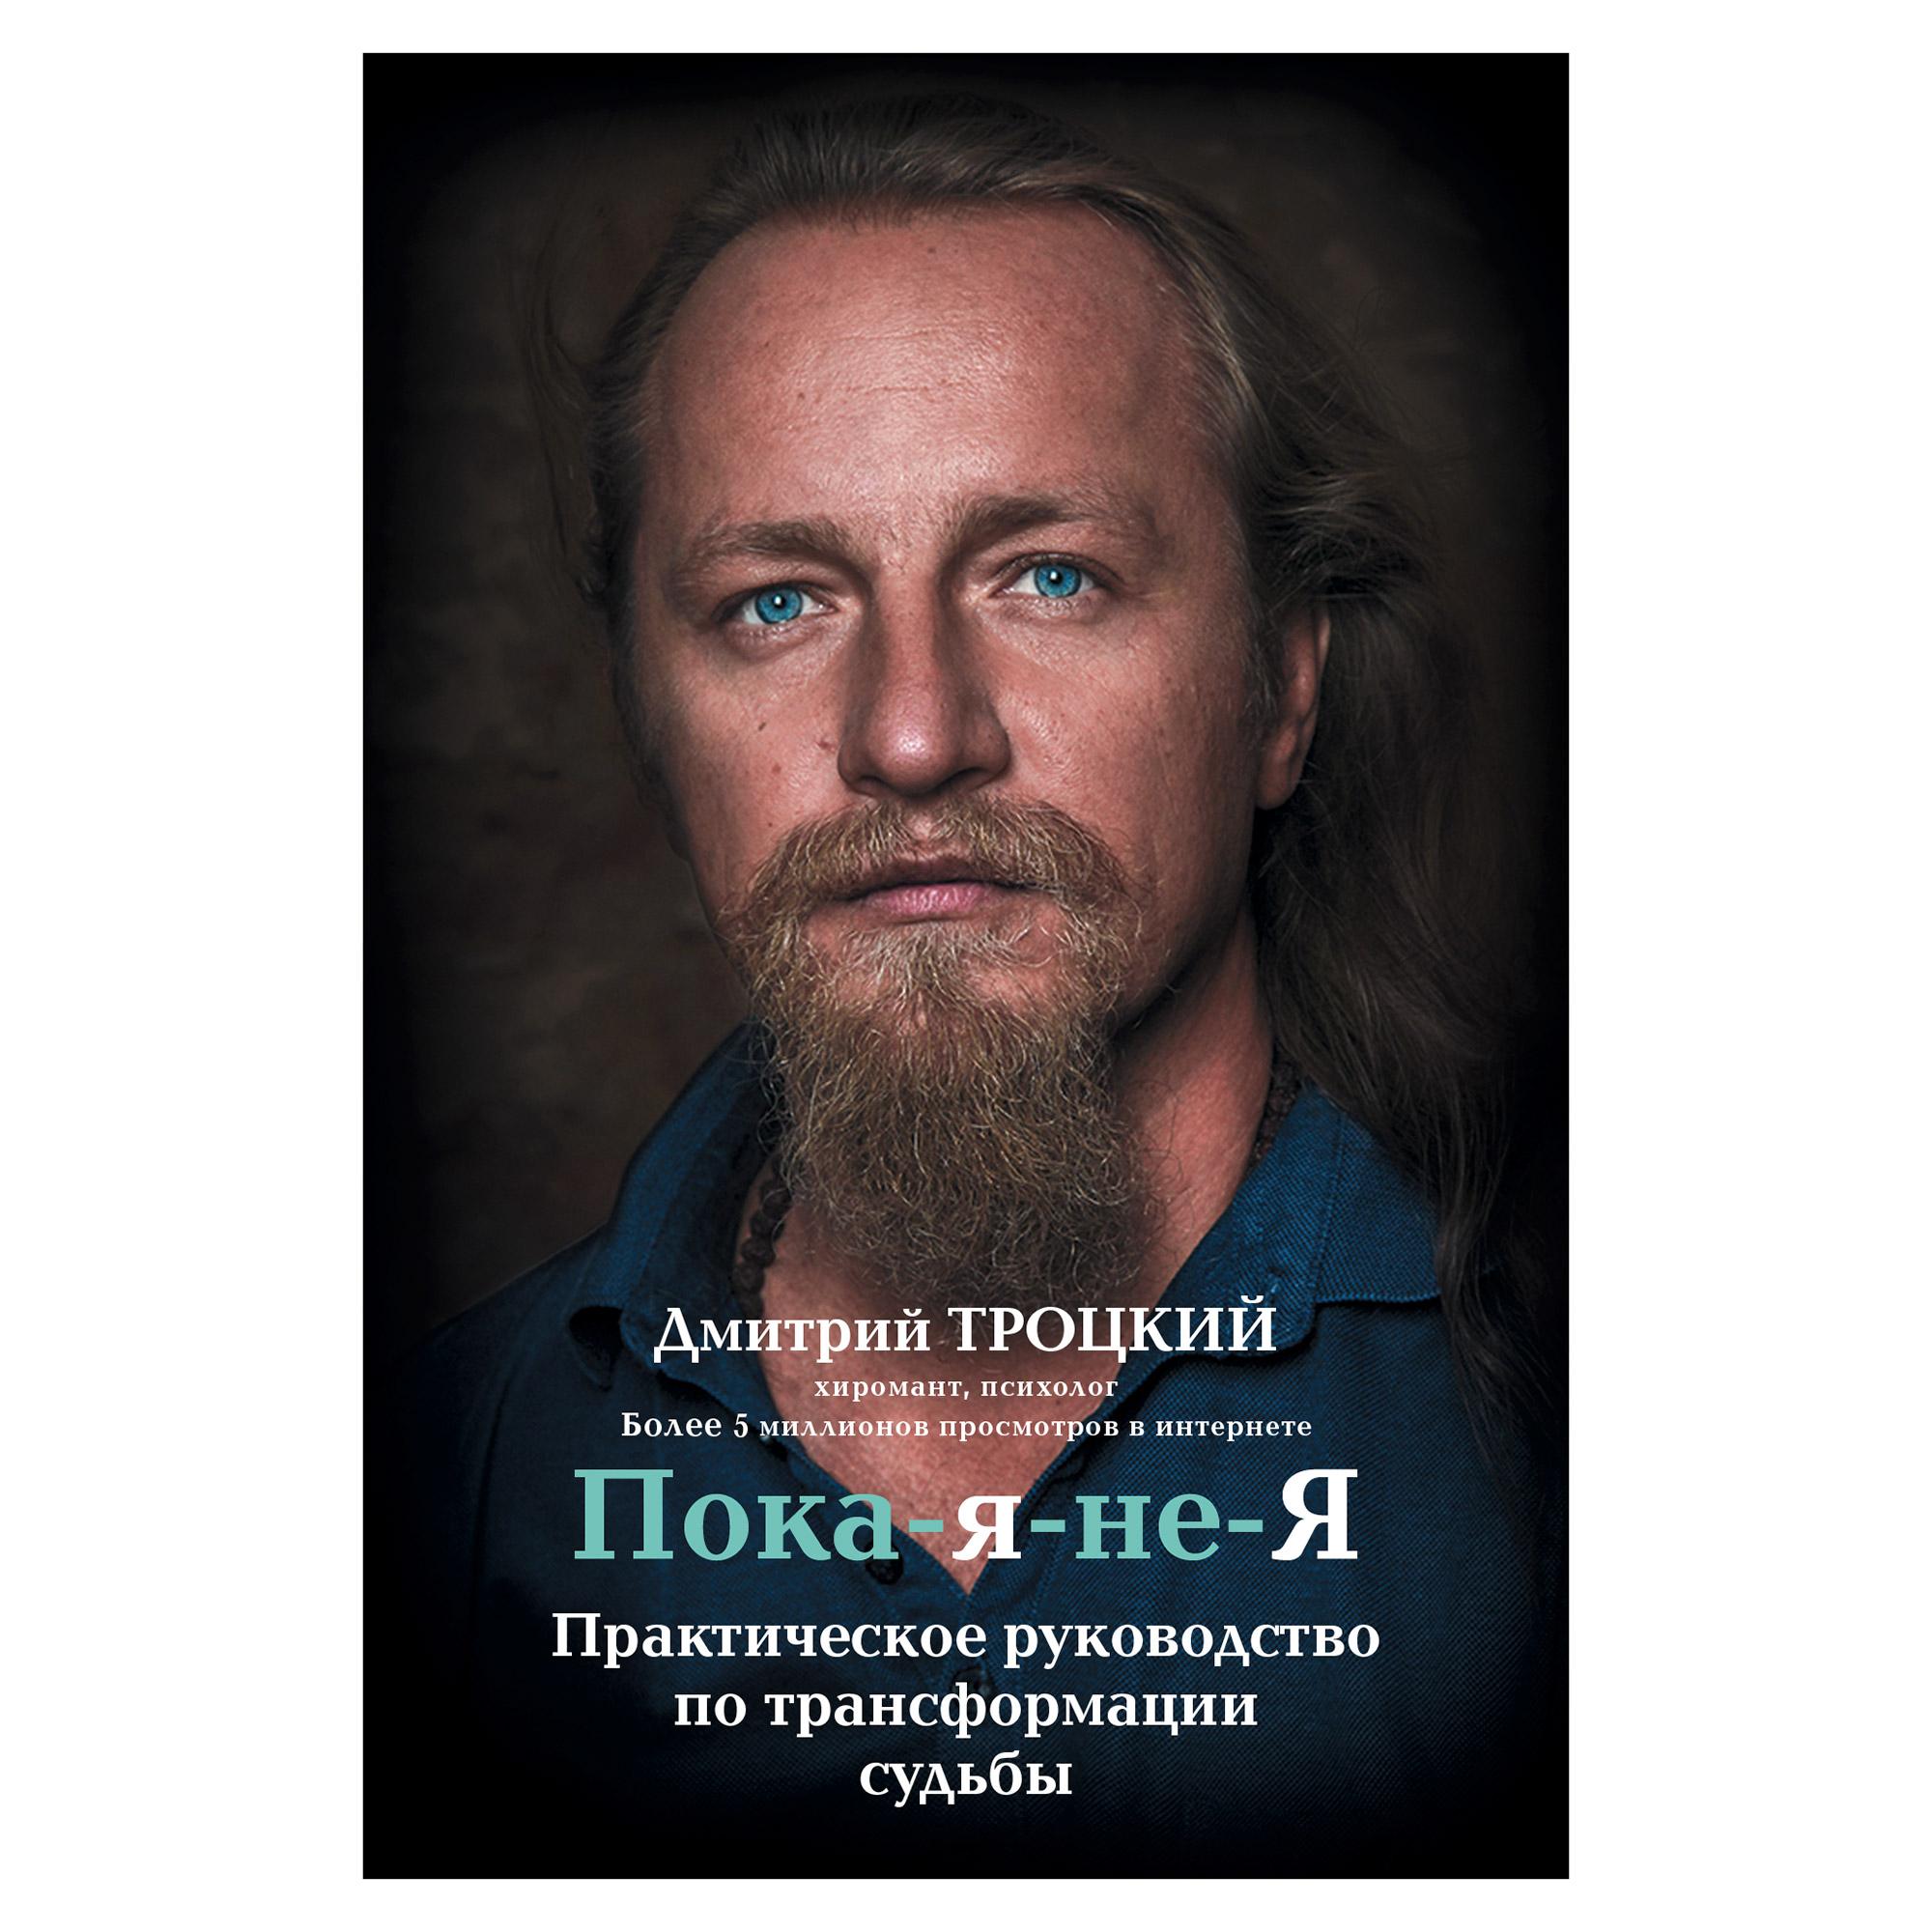 Книга АСТ Троцкий Д.В. Пока-я-не-я